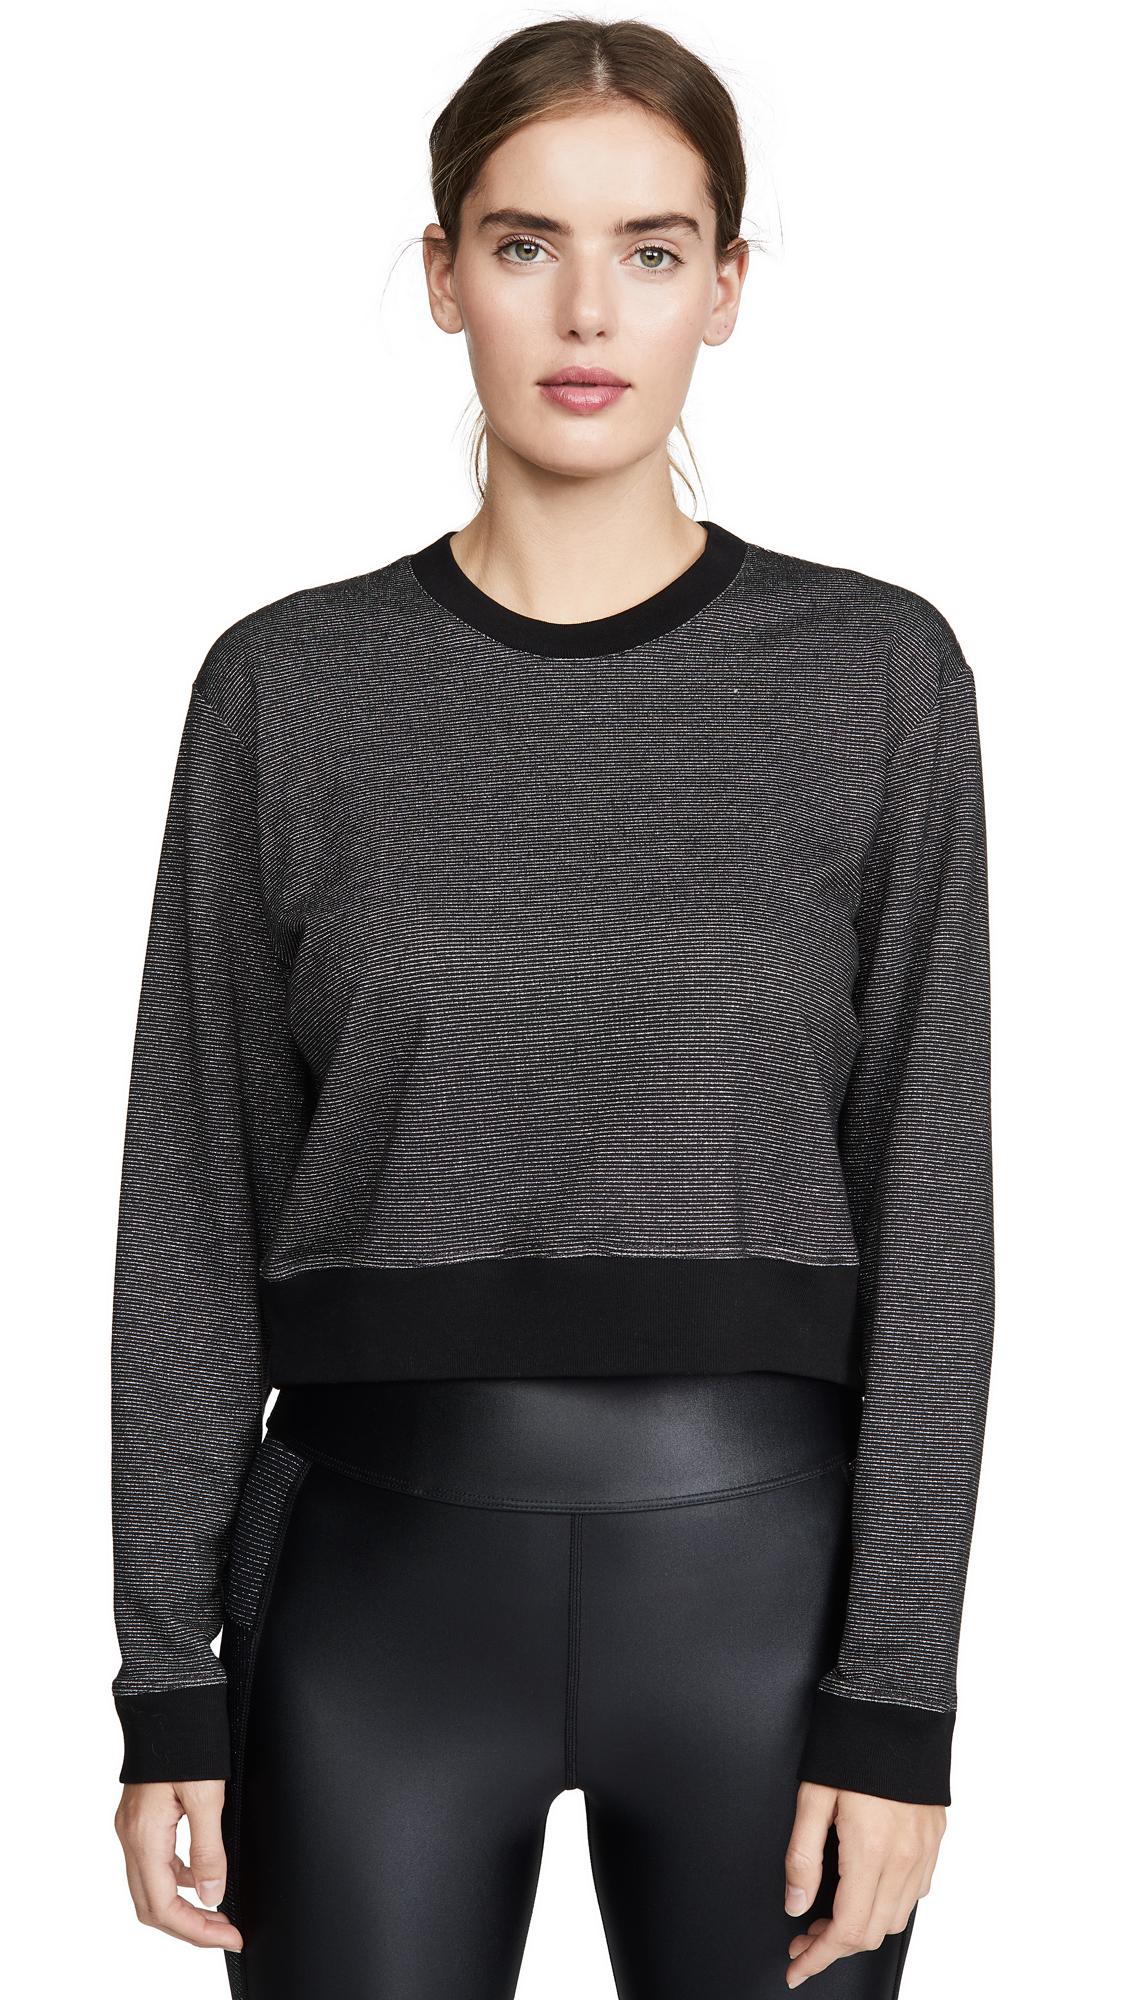 ALALA Cosmic Sweatshirt - Sterling